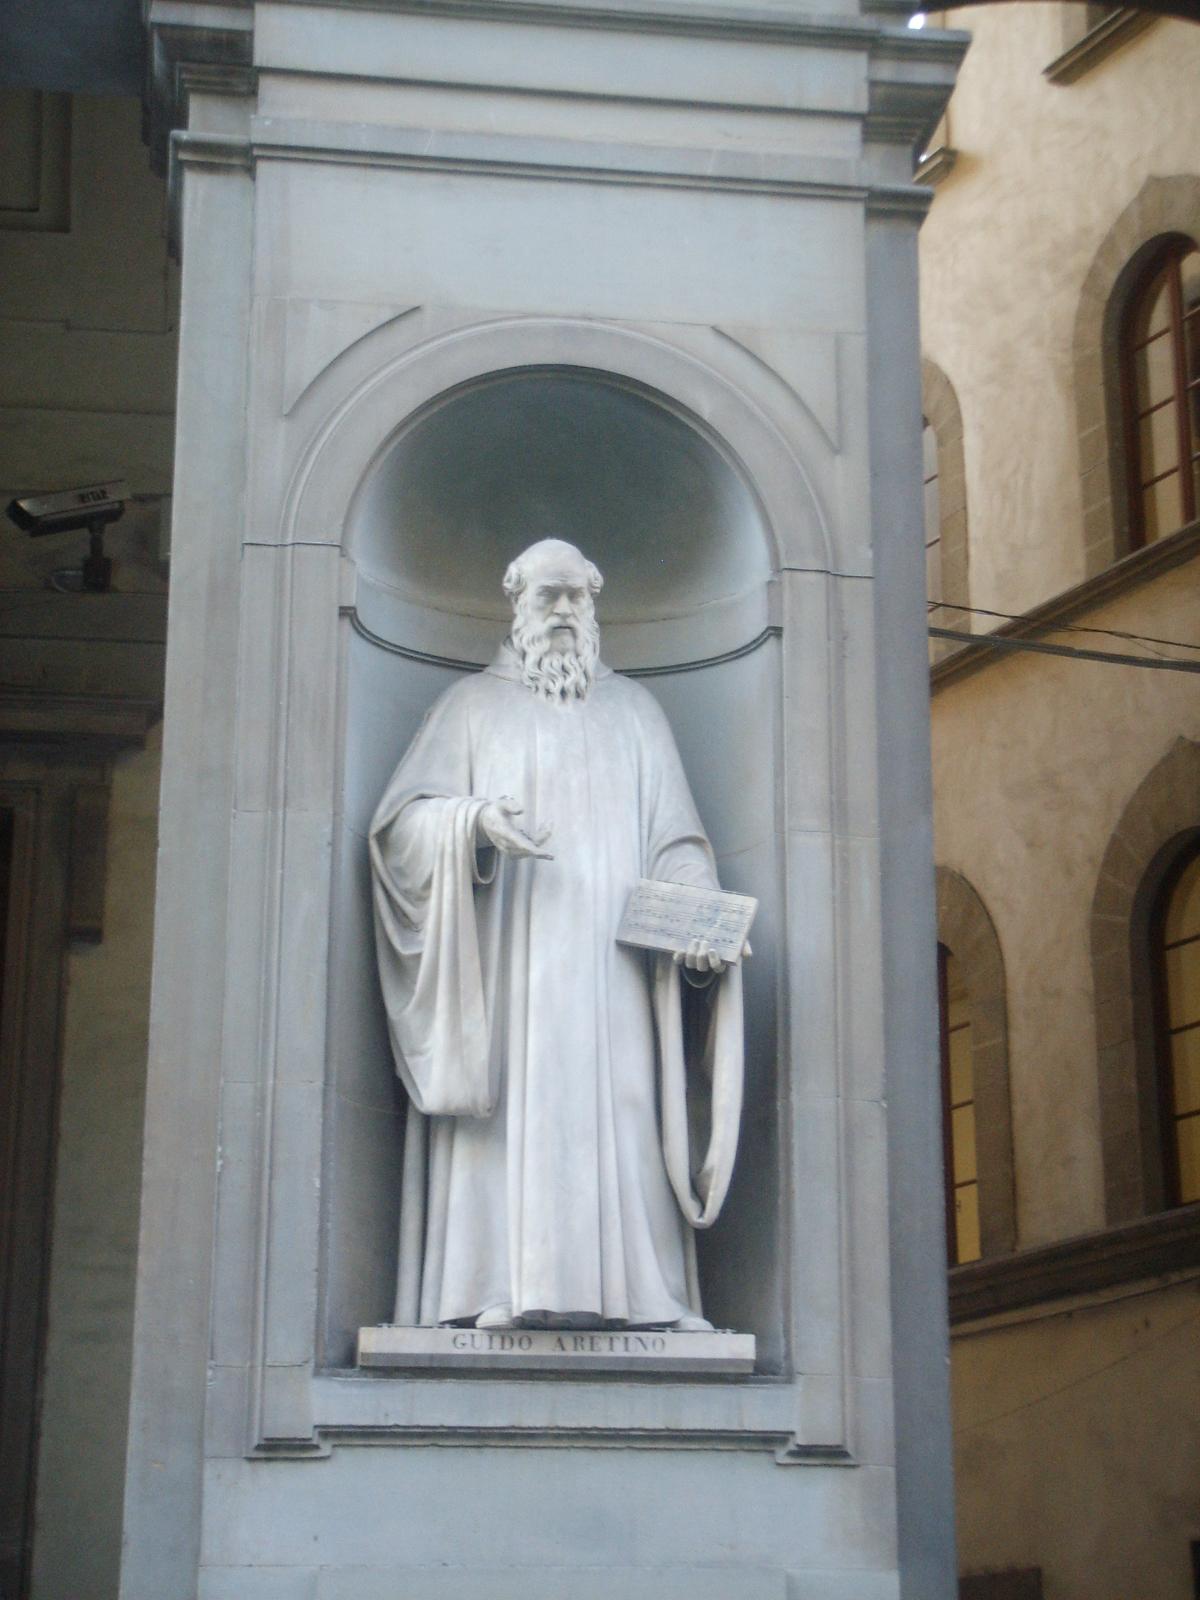 FileUffizi 27 Guido AretinoJPG  Wikimedia Commons